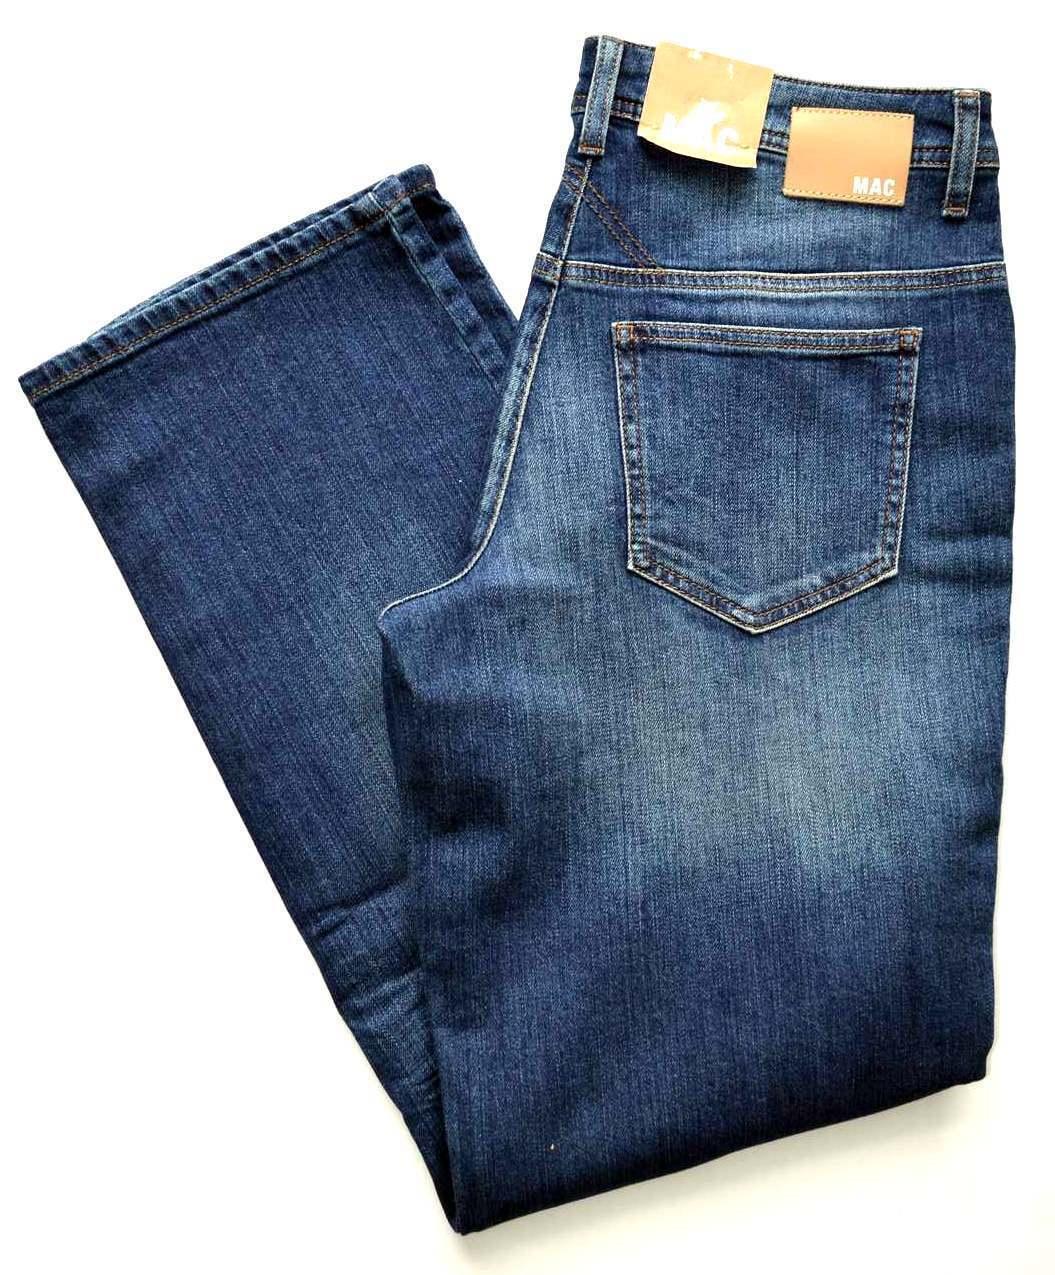 MAC Jeans GRACIA Blau Denim Stretch blau comfort loose fit Gr.36 NEU